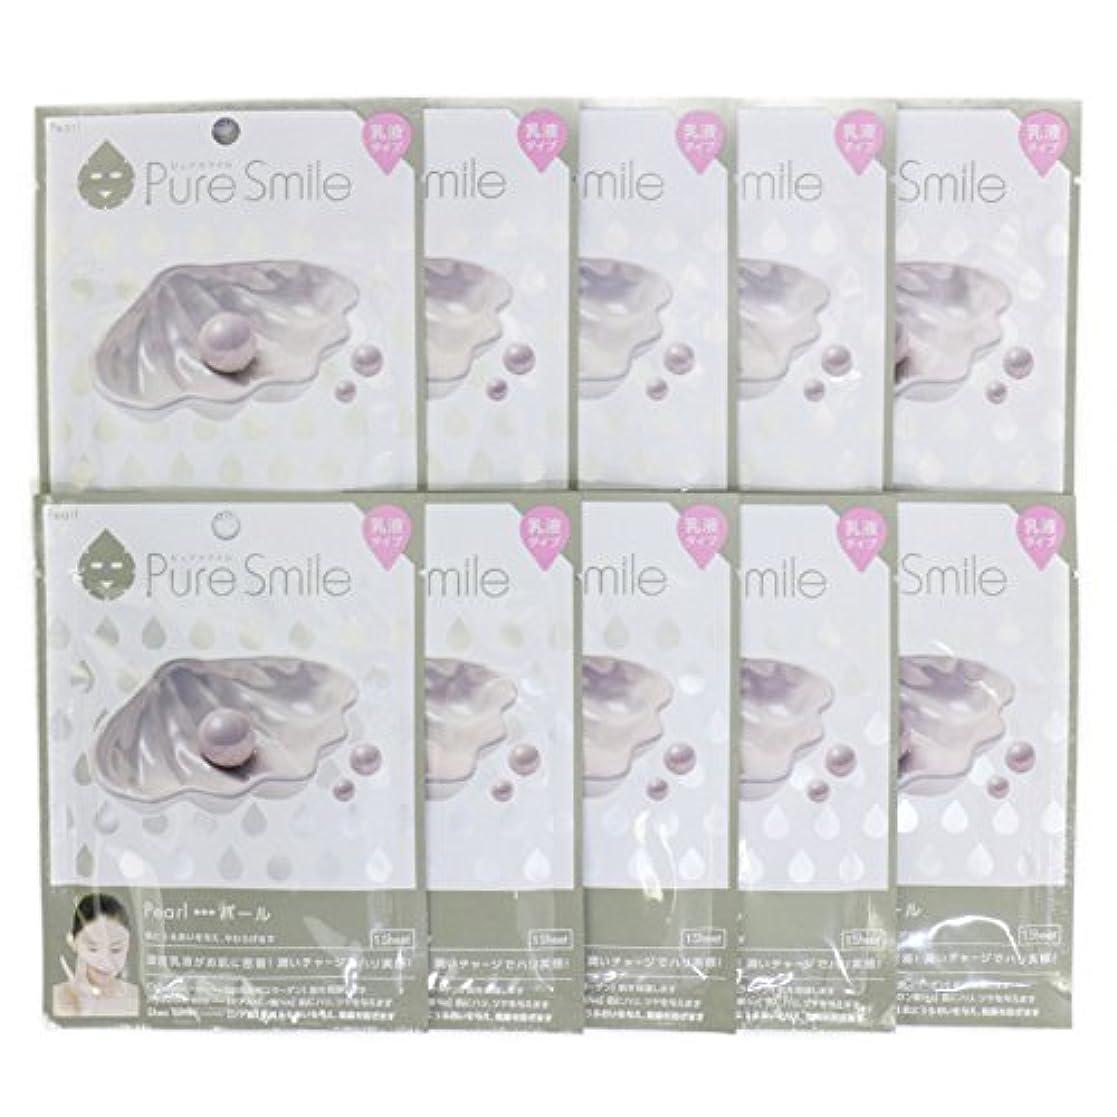 美しいショッキング聴くPure Smile ピュアスマイル 乳液エッセンスマスク 真珠 10枚セット